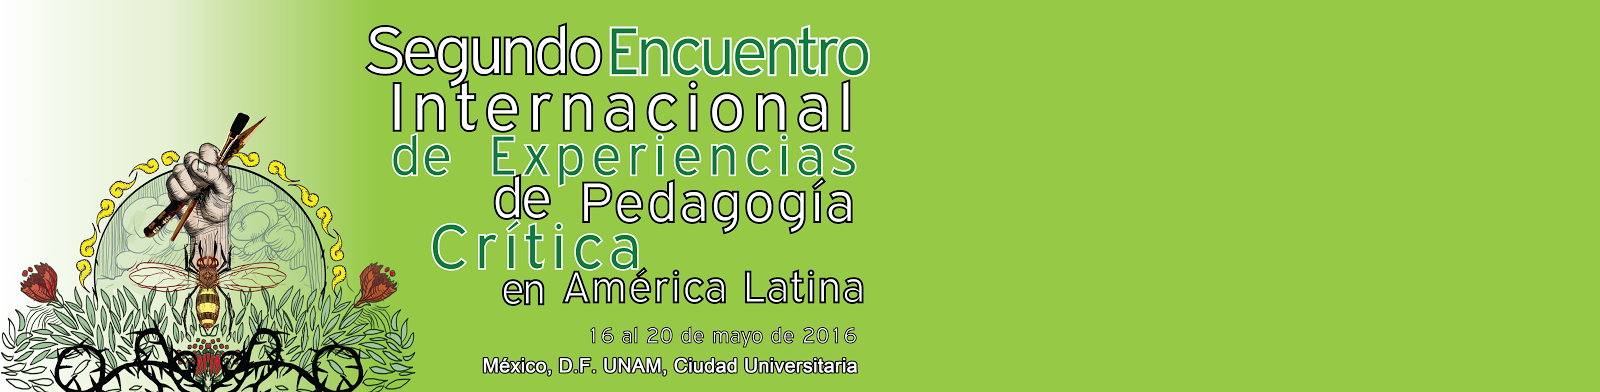 Encuentro Internacional de Experiencias de Pedagogía Crítica en América Latina